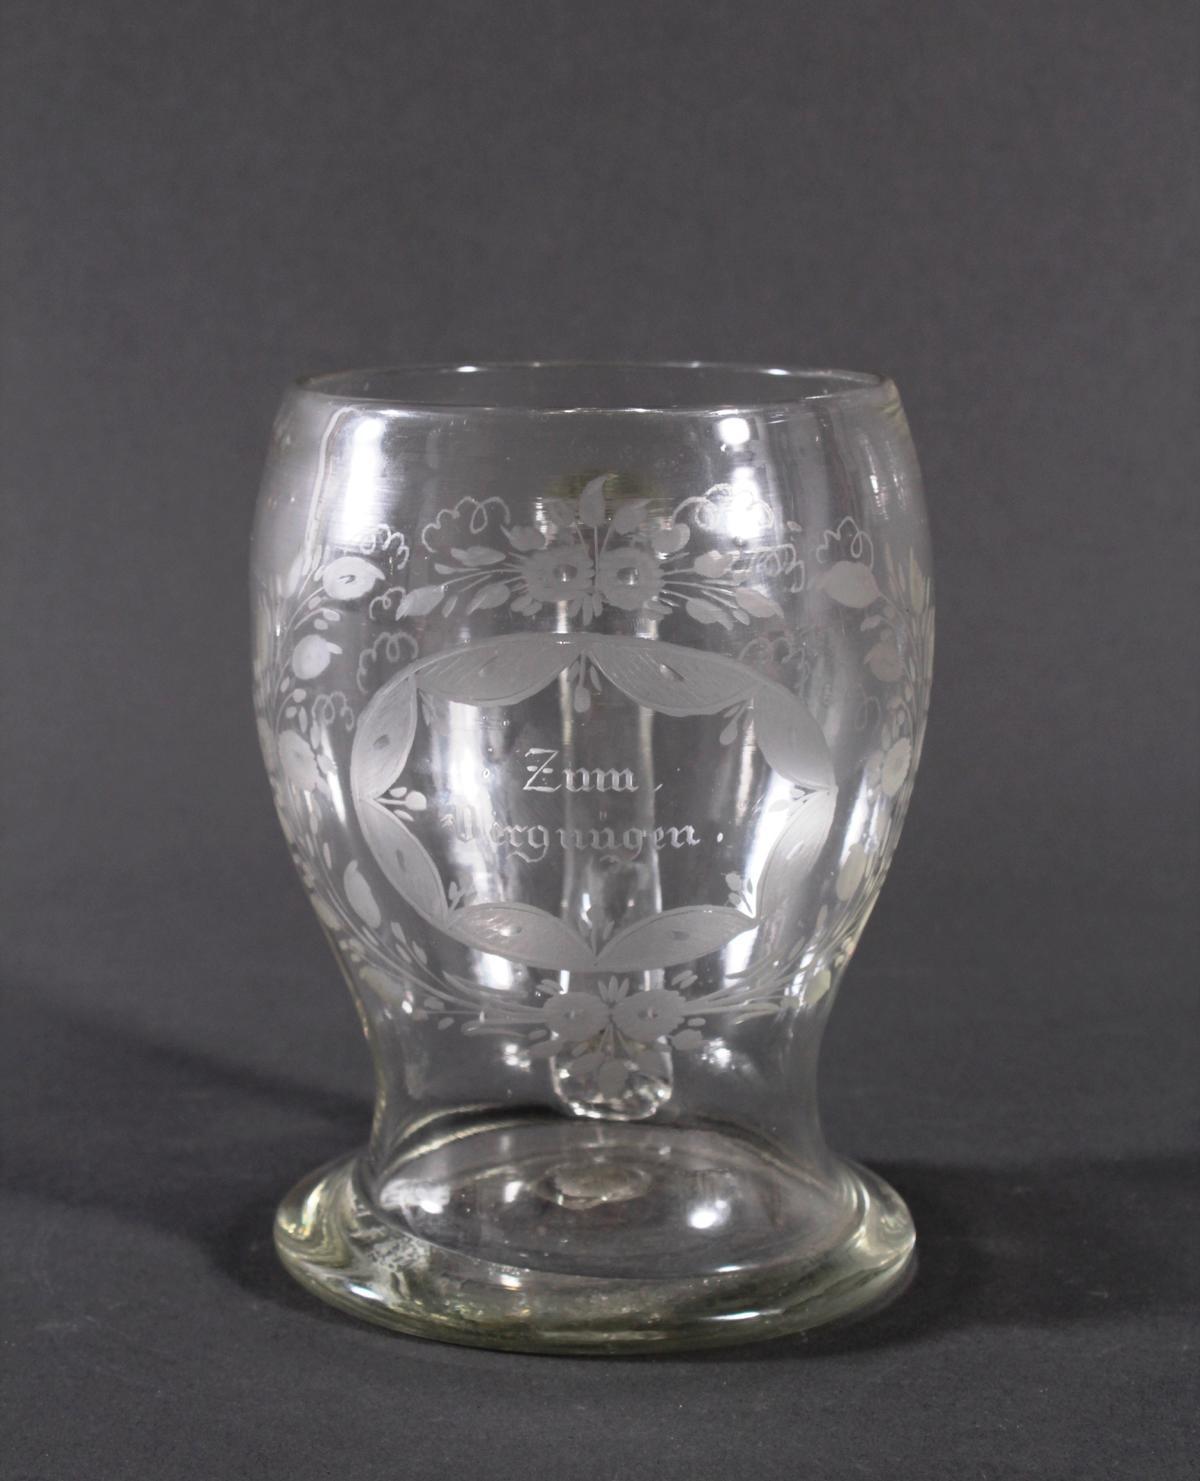 Glaskrug, um 1800